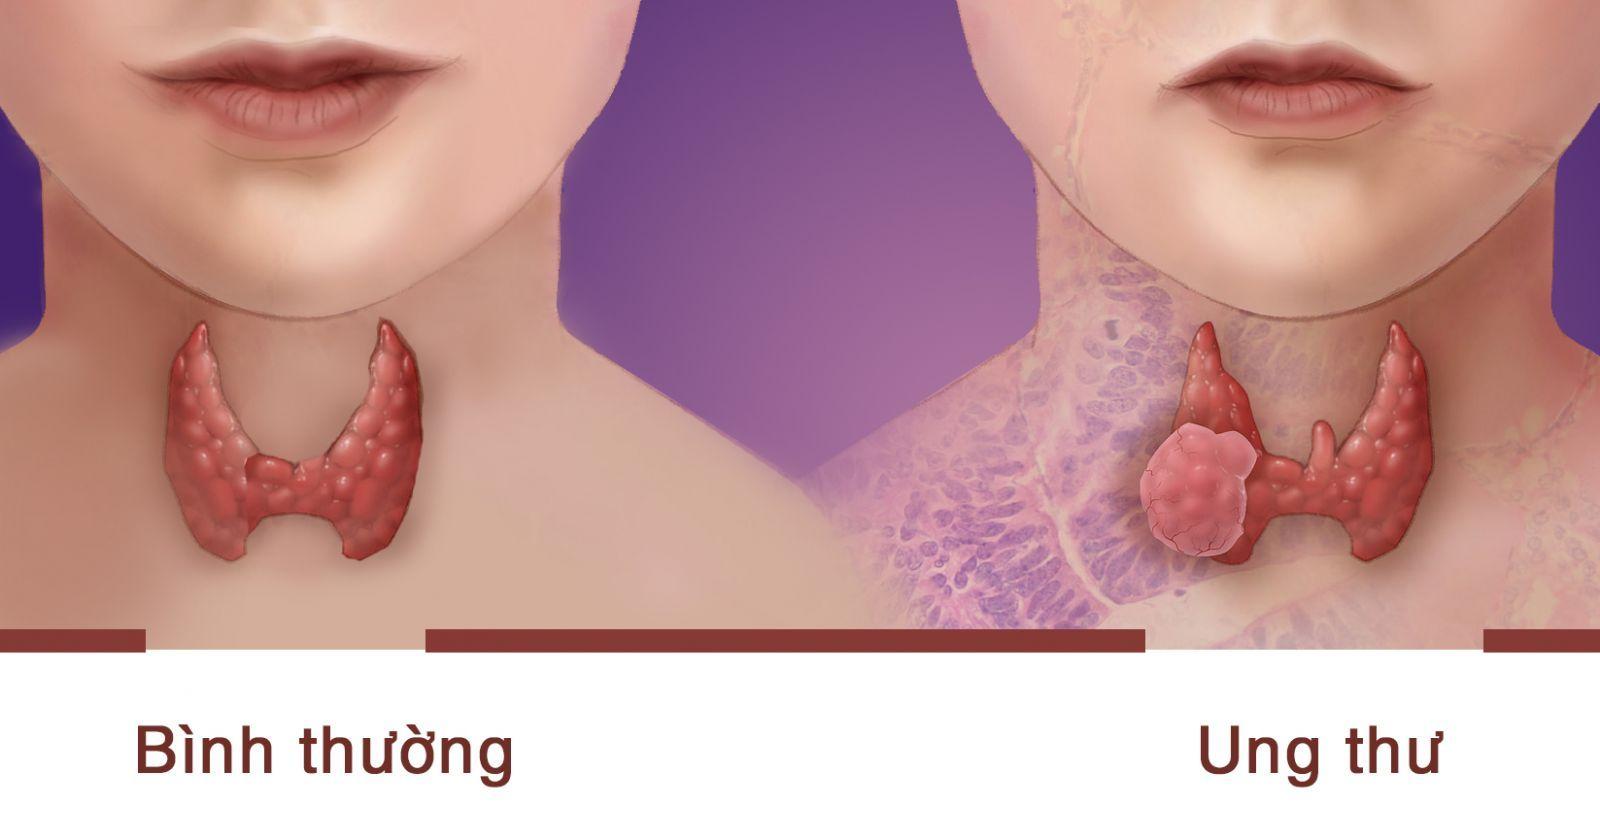 Dấu hiệu bệnh thường mờ nhạt ở giai đoạn đầu